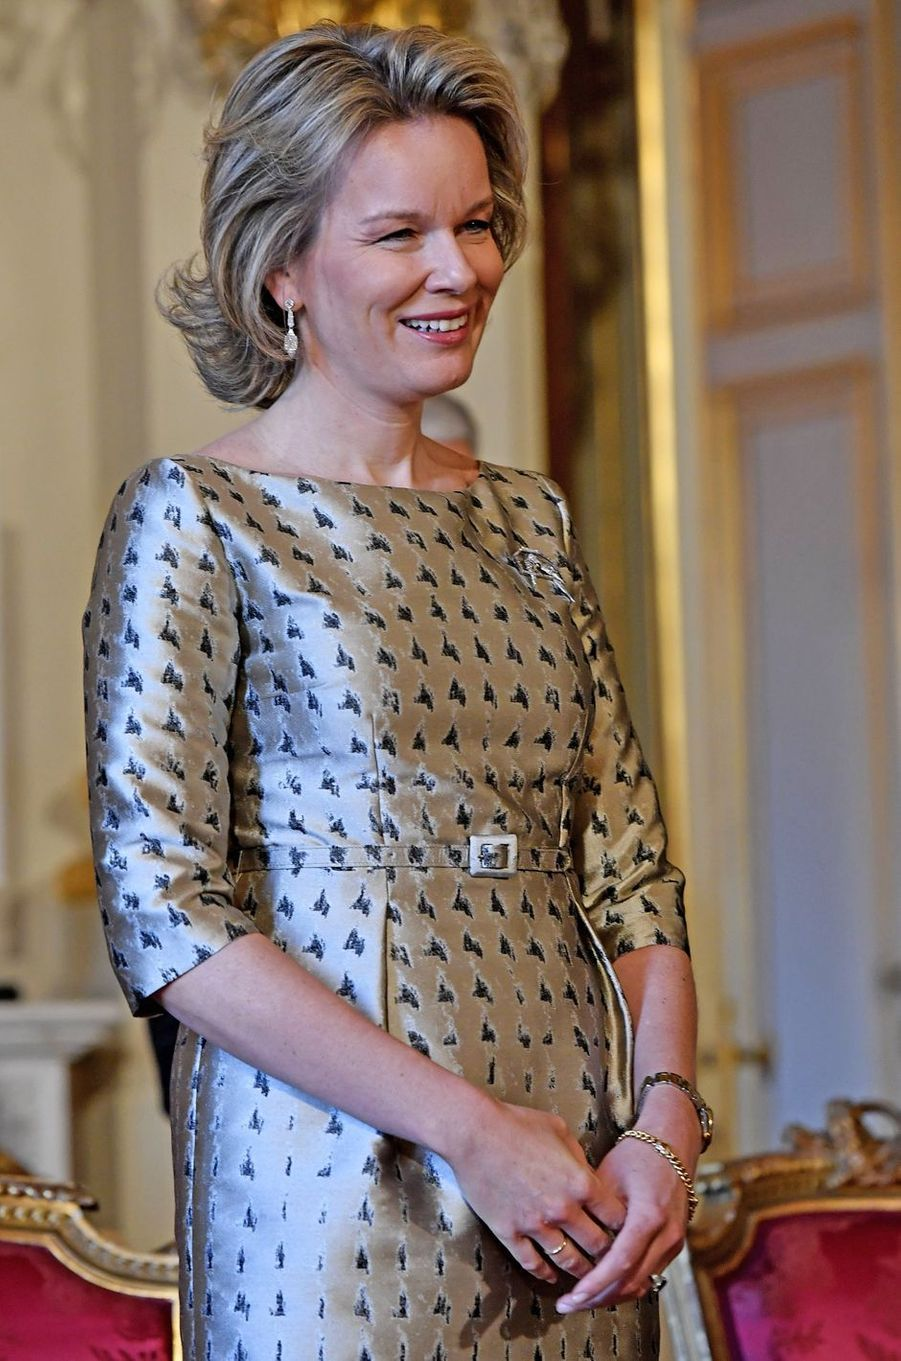 La reine Mathilde de Belgique au Palais royal à Bruxelles, le 26 janvier 2017